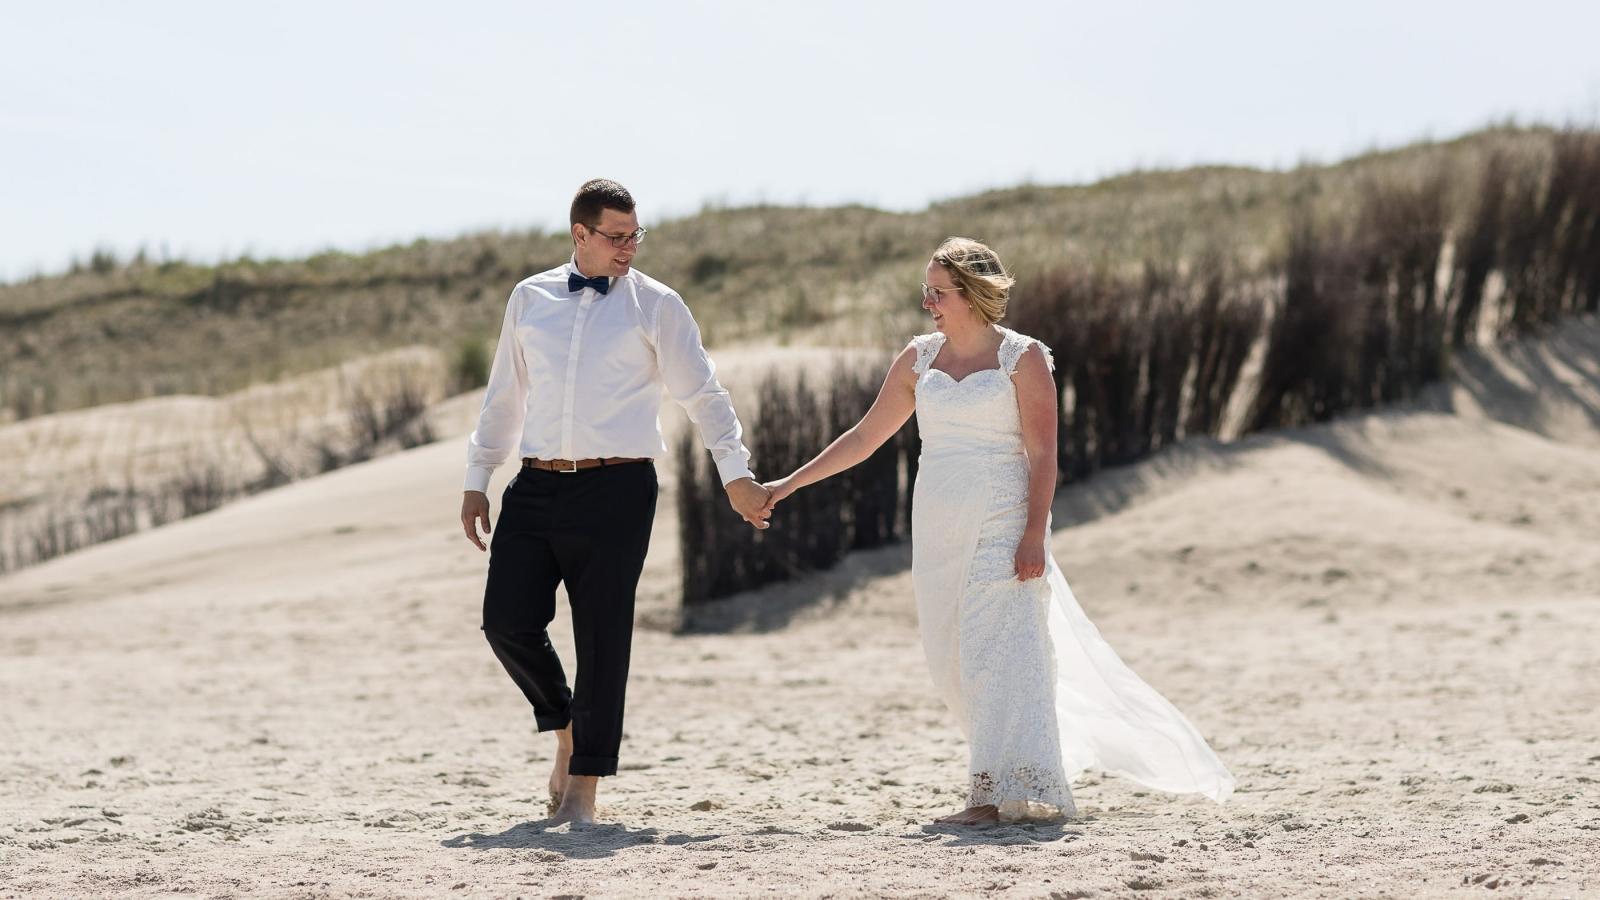 Hochzeitsfotos am Strand - Hochzeitsfotograf Wangerooge / Bremen